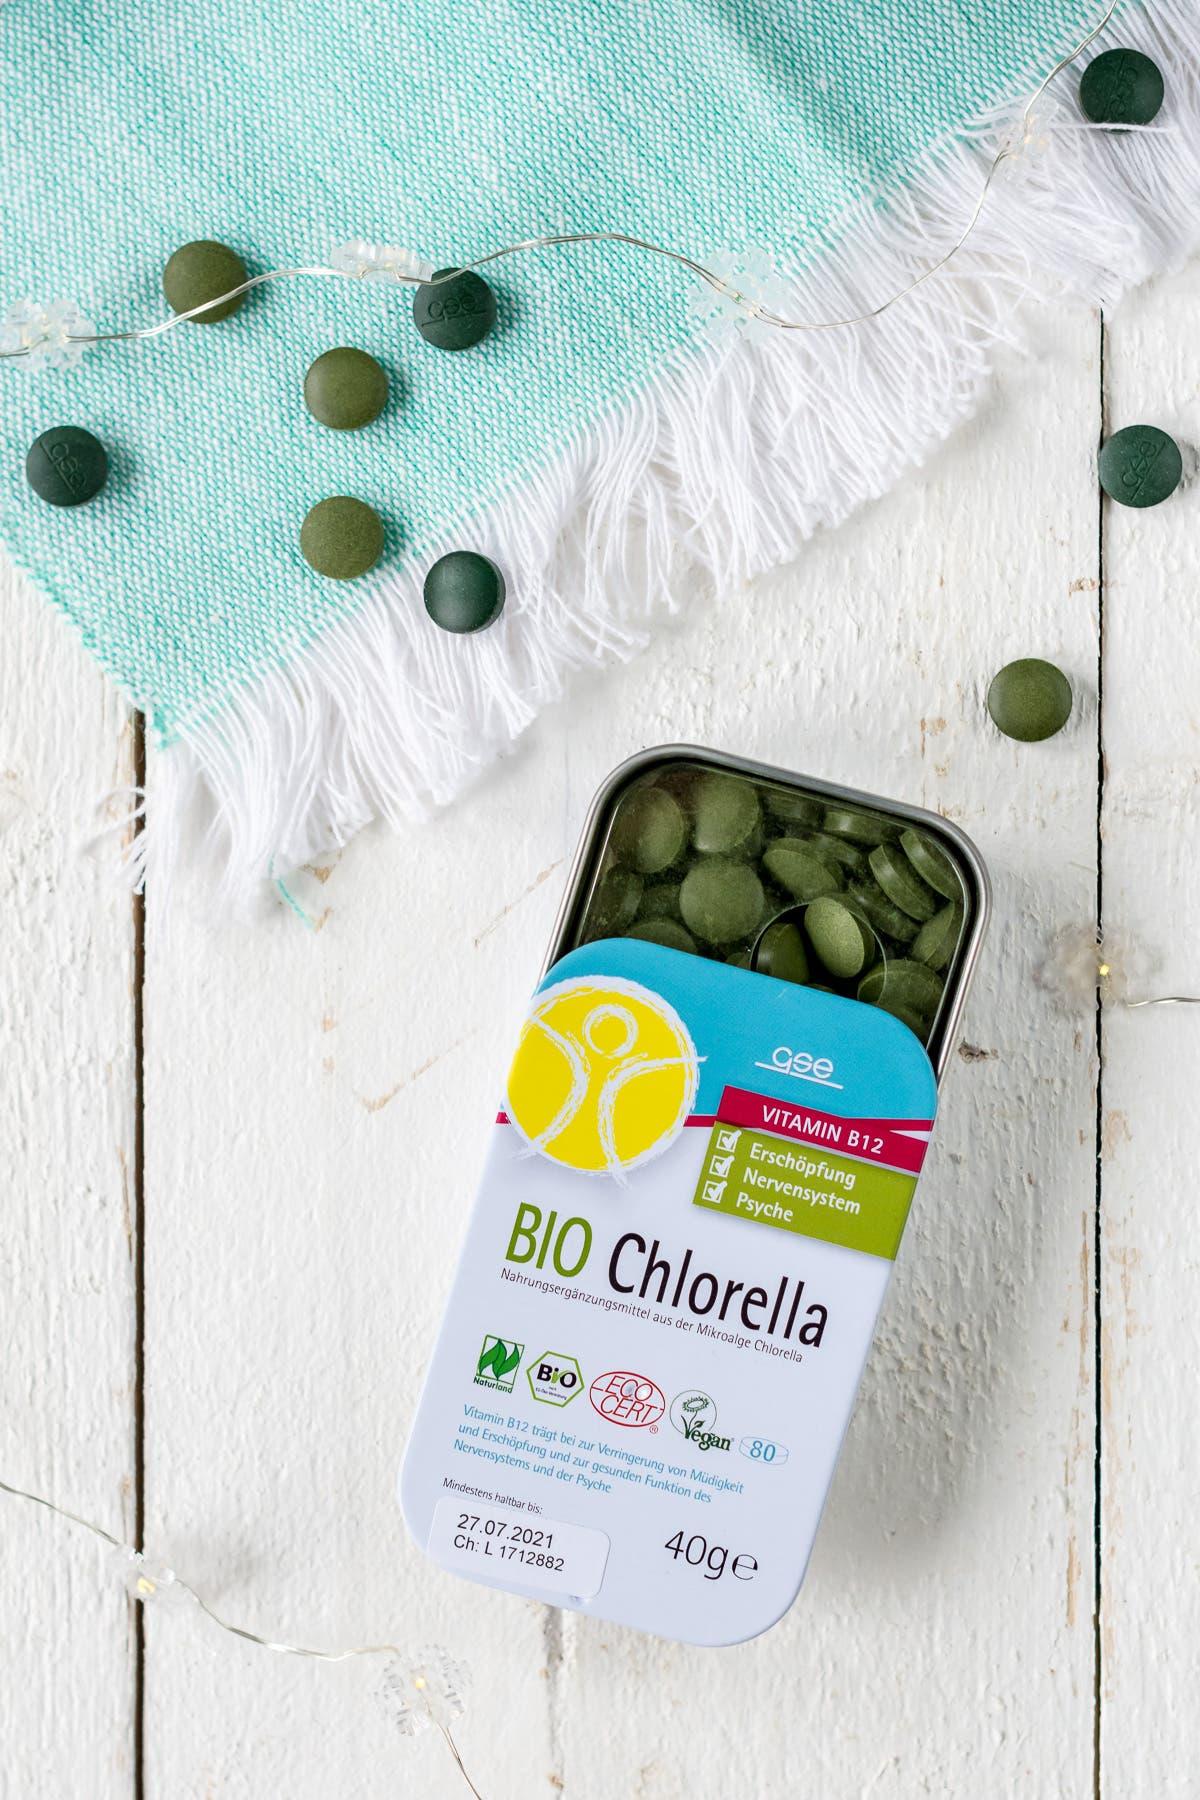 Bio Chlorella Tabletten in Dose auf weißem Holzuntergrund